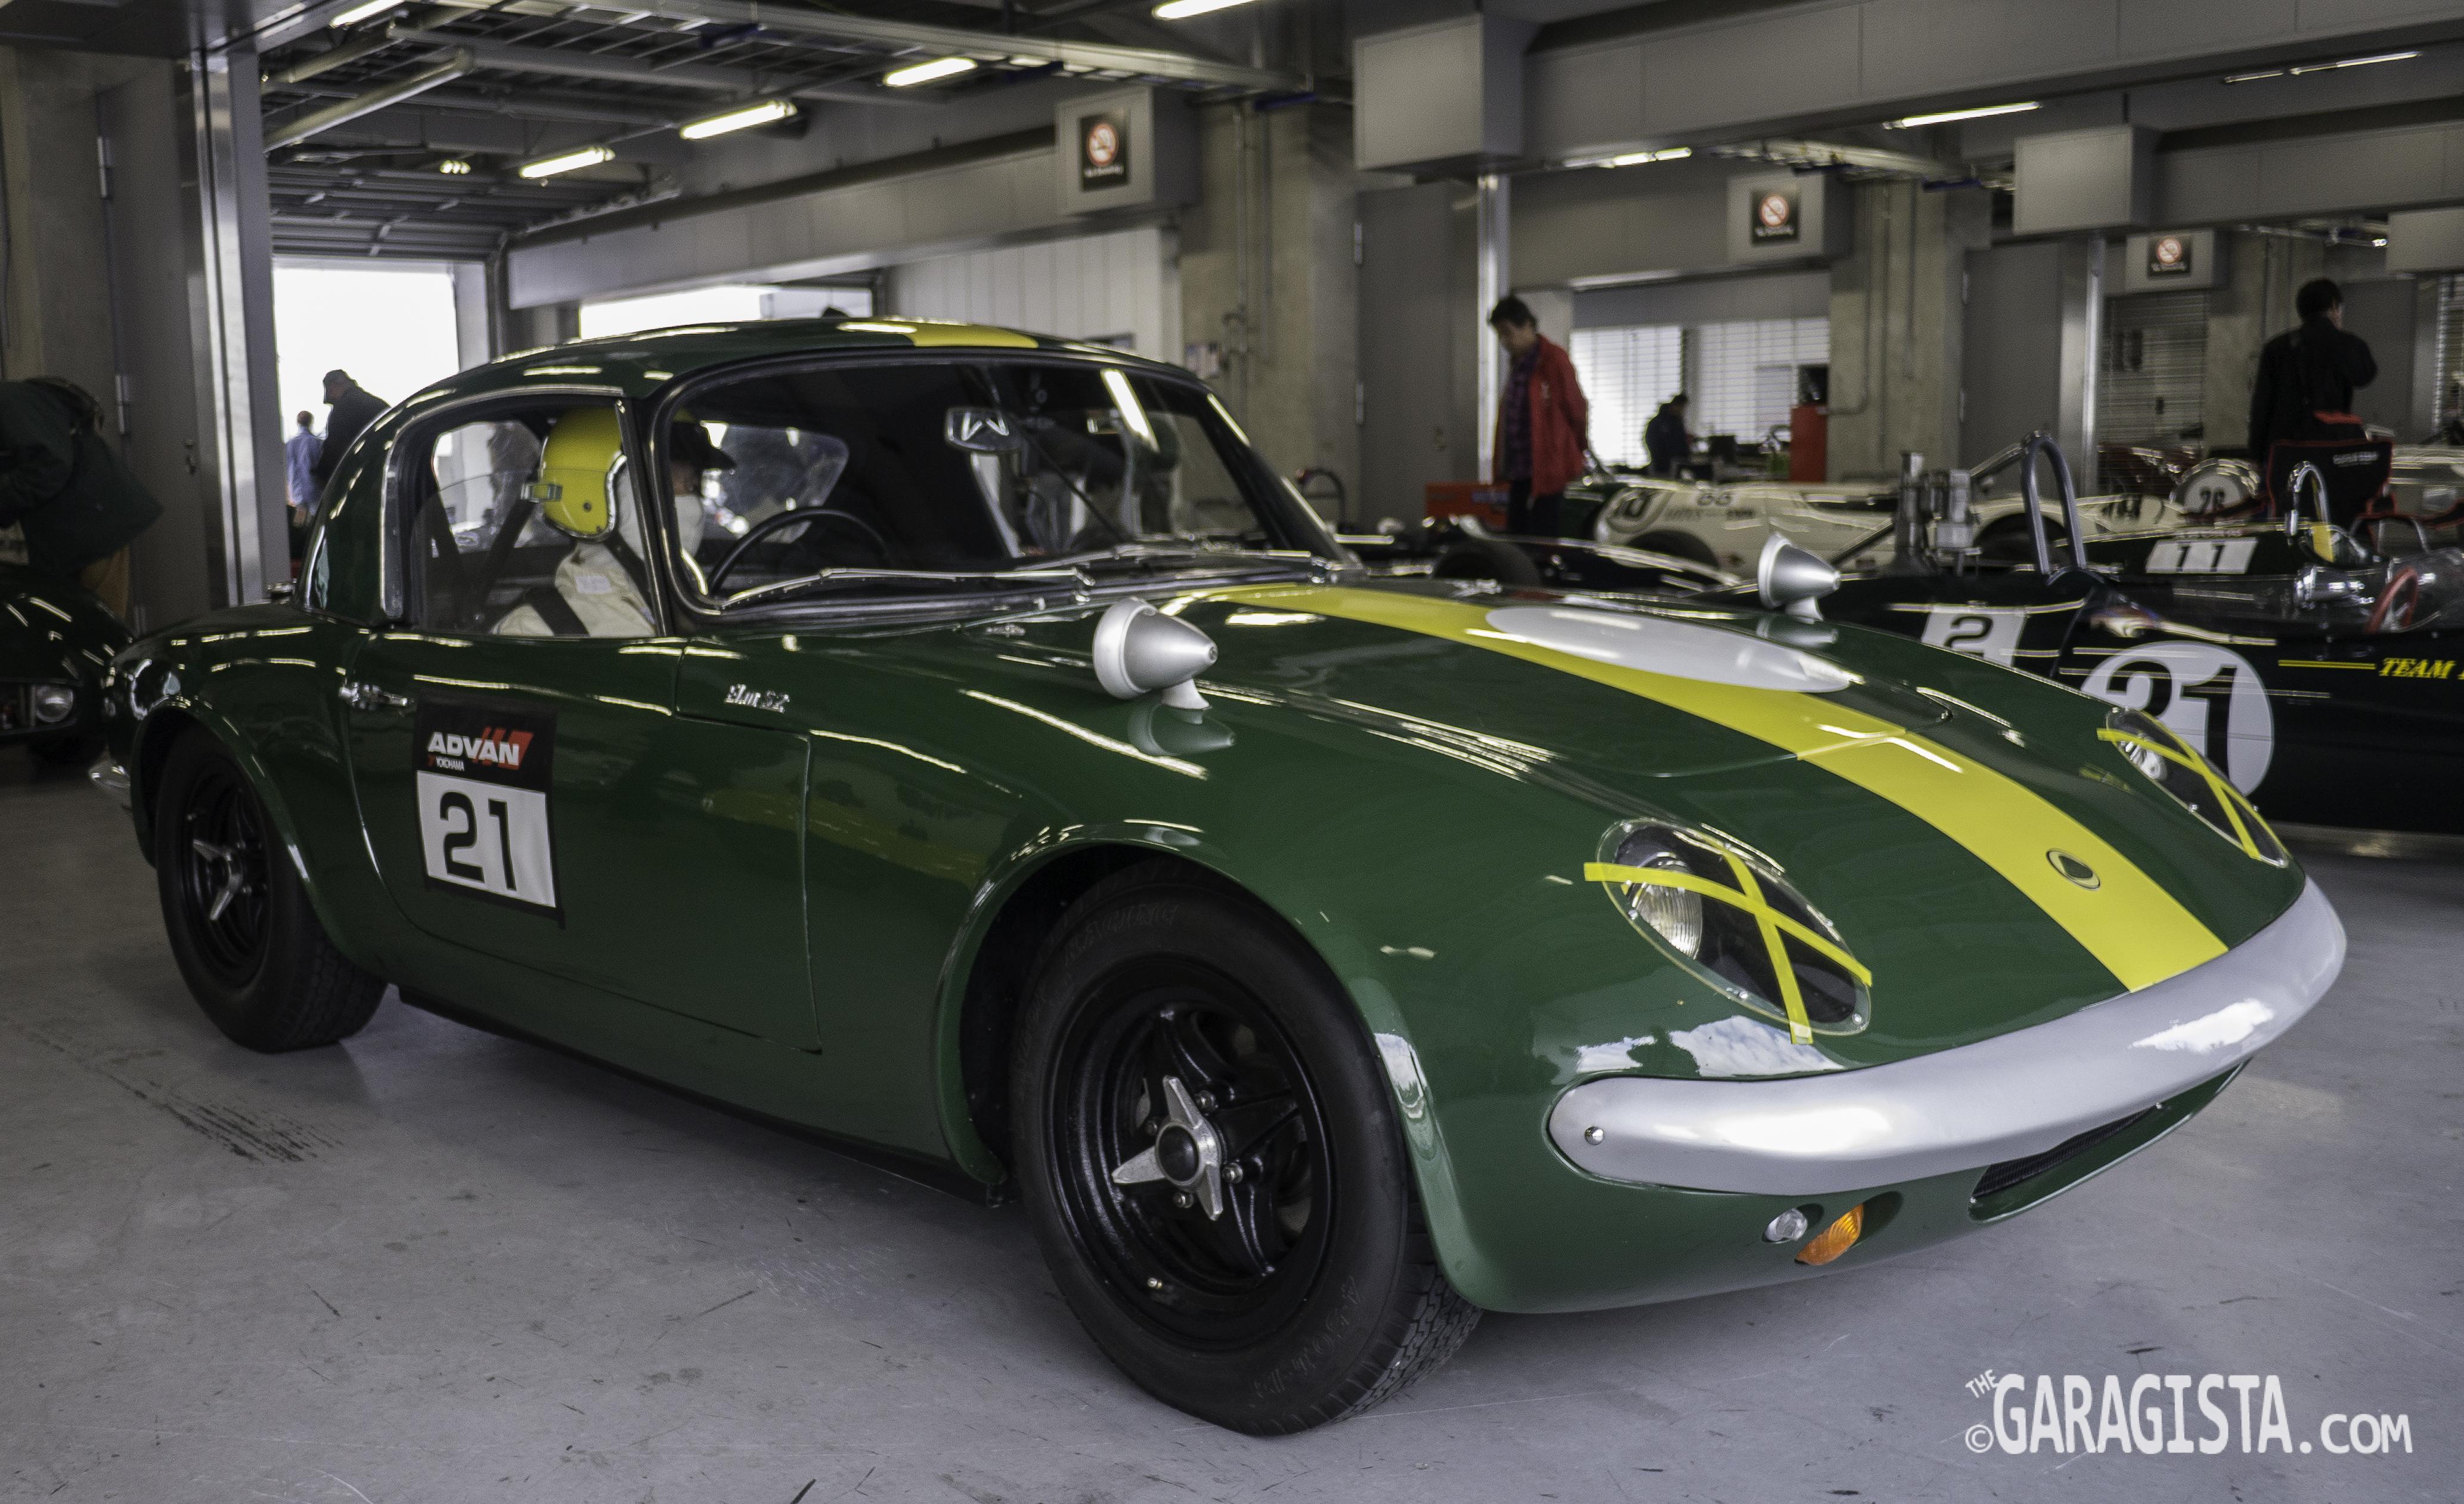 1965 Lotus Elan 26R  lotus elan  Pinterest  Lotus elan and Car